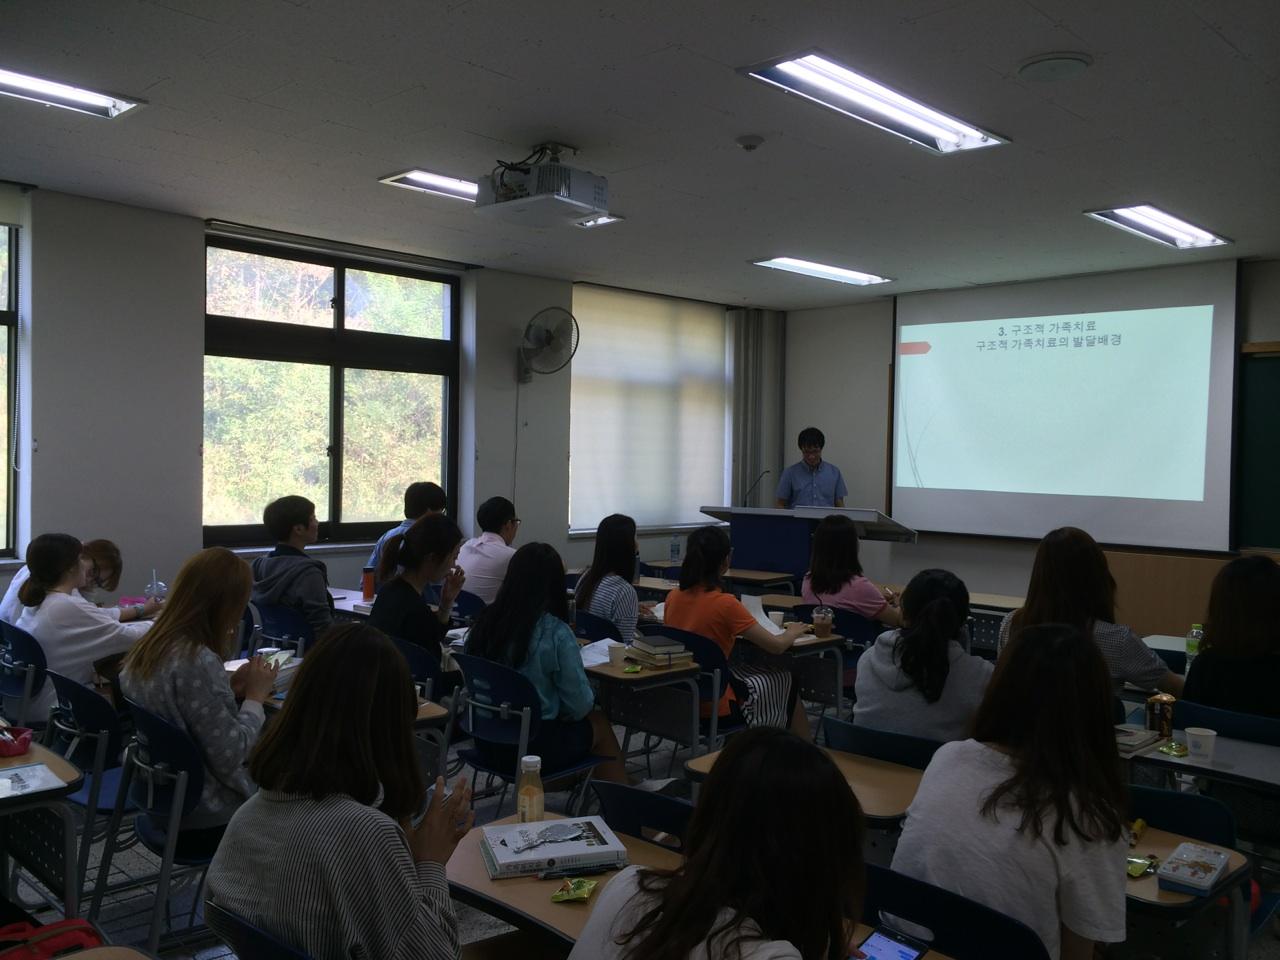 7c4cac28452b 박우철 부소장이 9월 22일 한국교원대학교 가정교육과 학생들을 대상으로 가족치료 특강을 진행하였습니다.